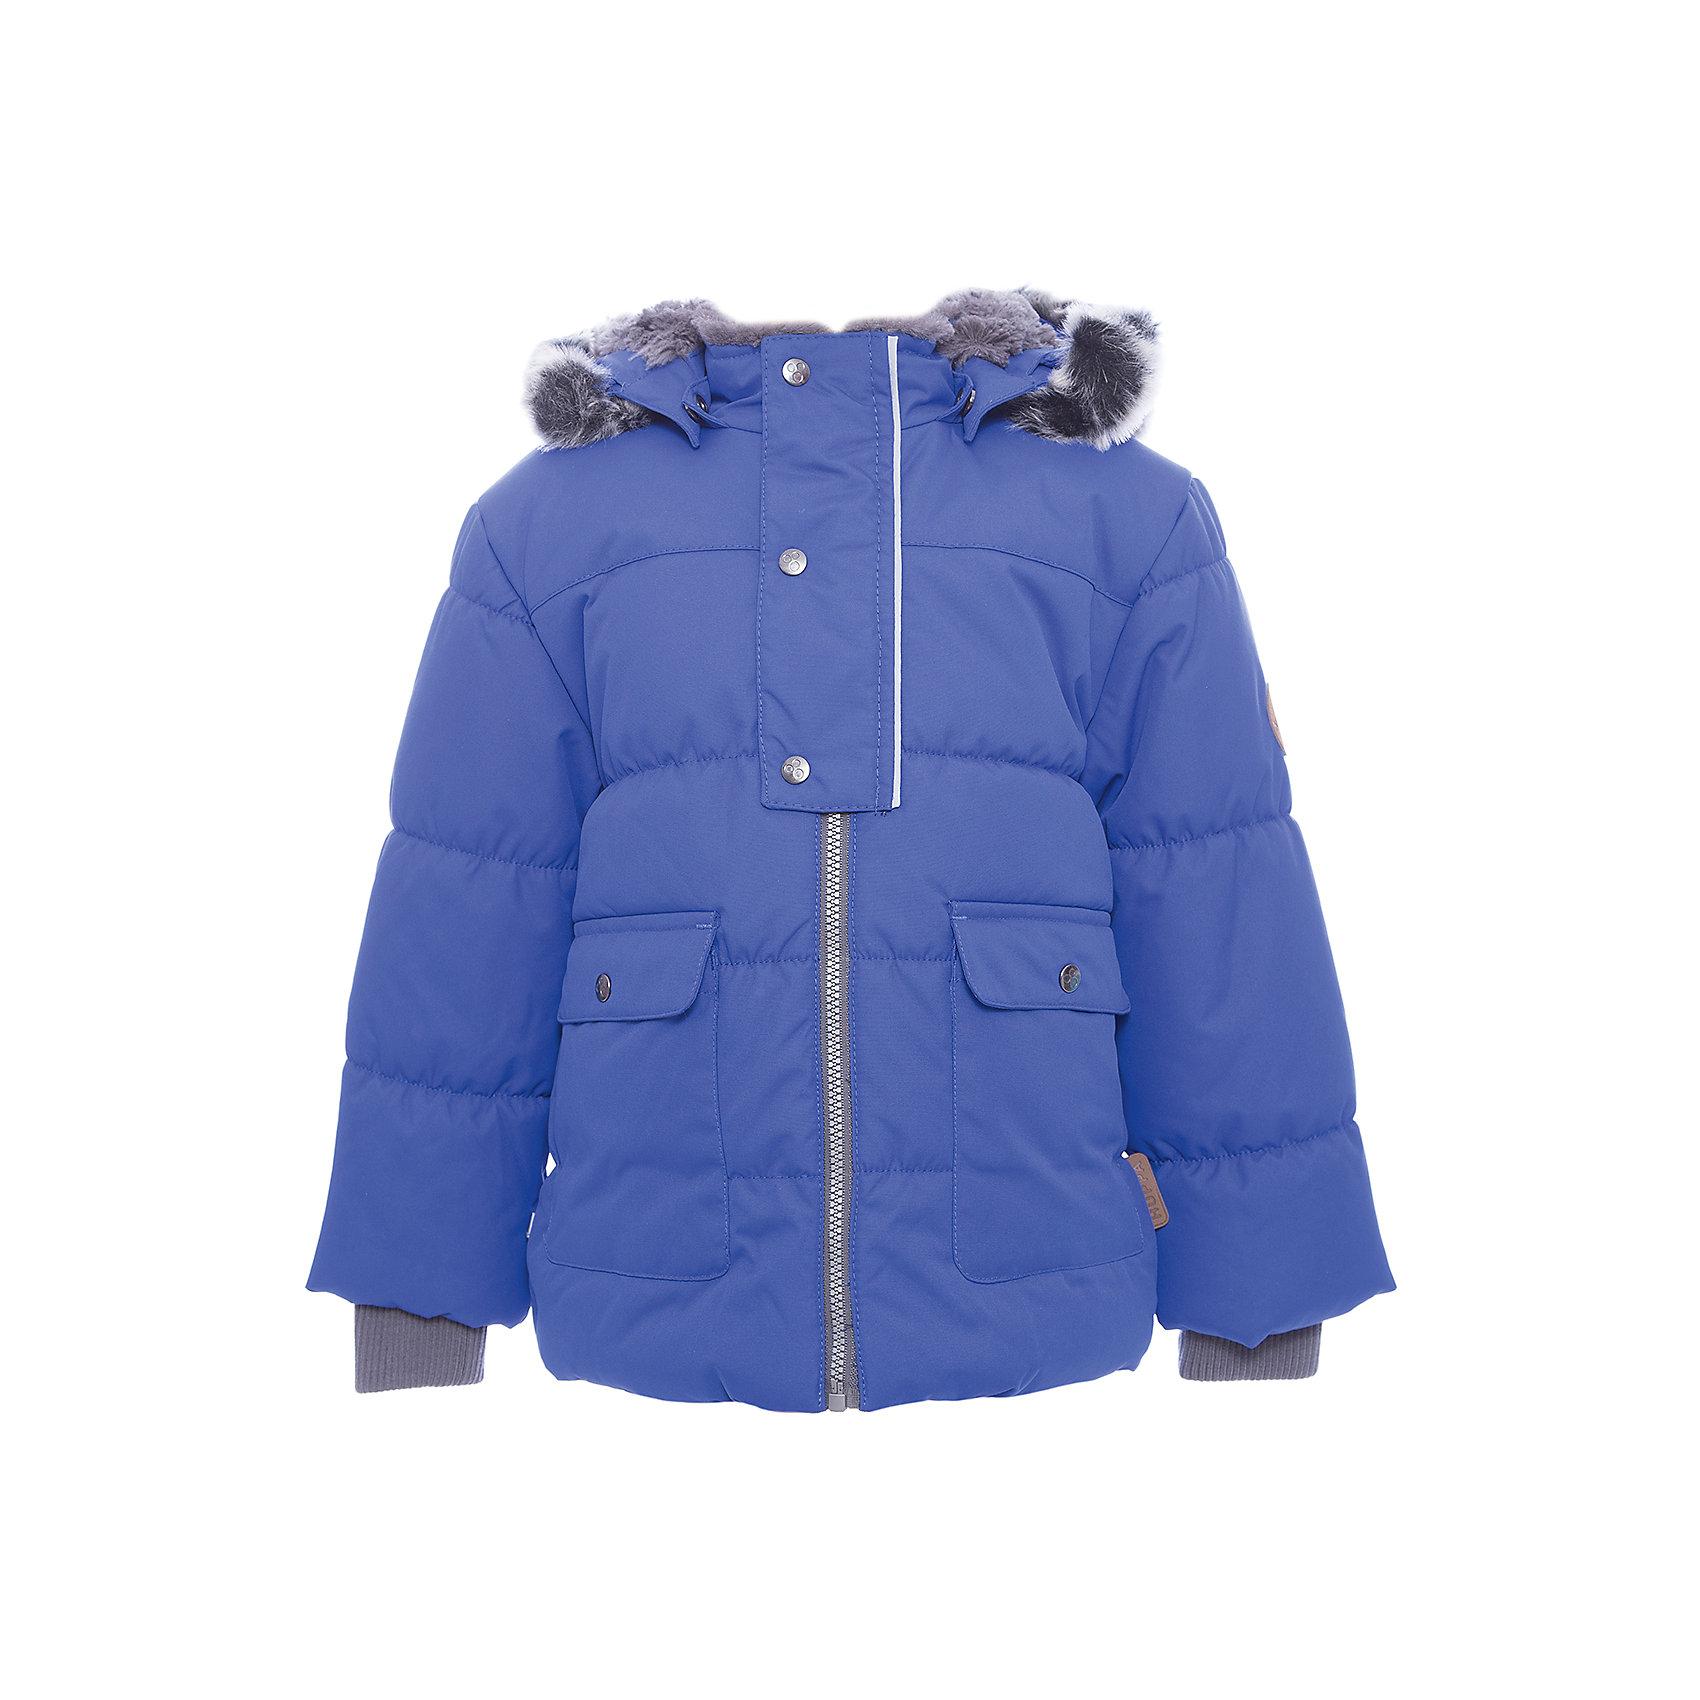 Куртка OLIVER Huppa для мальчикаВерхняя одежда<br>Характеристики товара:<br><br>• модель: Oliver;<br>• цвет: синий;<br>• пол: мальчик;<br>• состав: 100% полиэстер;<br>• утеплитель: полиэстер,300 гр.;<br>• подкладка: Teddy Fur, тафта,полиэстер;<br>• сезон: зима;<br>• температурный режим: от -5 до - 30С;<br>• водонепроницаемость: 10000 мм;<br>• воздухопроницаемость: 10000 г/м2/24ч;<br>• особенности модели: с мехом на капюшоне;<br>• защита подбородка от защемления;<br>• мягкая меховая подкладка;<br>• капюшон крепится на кнопки и, при необходимости, отстегивается;<br>• искусственный мех на капюшоне съемный;<br>• спереди расположены два накладныхкармана, с клапанами на кнопках;<br>• светоотражающие элементы для безопасности ребенка;<br>•  трикотажные манжеты; <br>• страна бренда: Финляндия;<br>• страна изготовитель: Эстония.<br><br>Куртка Oliver  для мальчика изготовлена из водо и ветронепроницаемого, грязеотталкивающего материала. В куртке Oliver  300 грамм утеплителя, которые обеспечат тепло и комфорт ребенку при температуре от -5 до -30 градусов.Подкладка —Teddy Fur,тафта.<br><br>Куртка с капюшоном застегивается на застежку-молнию и кнопки. Капюшон отстегивается с помощью кнопок, мех отстегивается. Рукава с трикотажными манжетами. У модели имеются два накладных кармана с клапанами на кнопках. Изделие дополнено светоотражающими элементами.<br><br>Куртку Oliver для мальчика бренда HUPPA  можно купить в нашем интернет-магазине.<br><br>Ширина мм: 356<br>Глубина мм: 10<br>Высота мм: 245<br>Вес г: 519<br>Цвет: синий<br>Возраст от месяцев: 72<br>Возраст до месяцев: 84<br>Пол: Мужской<br>Возраст: Детский<br>Размер: 122,74,80,86,92,98,104,110,116<br>SKU: 7024882